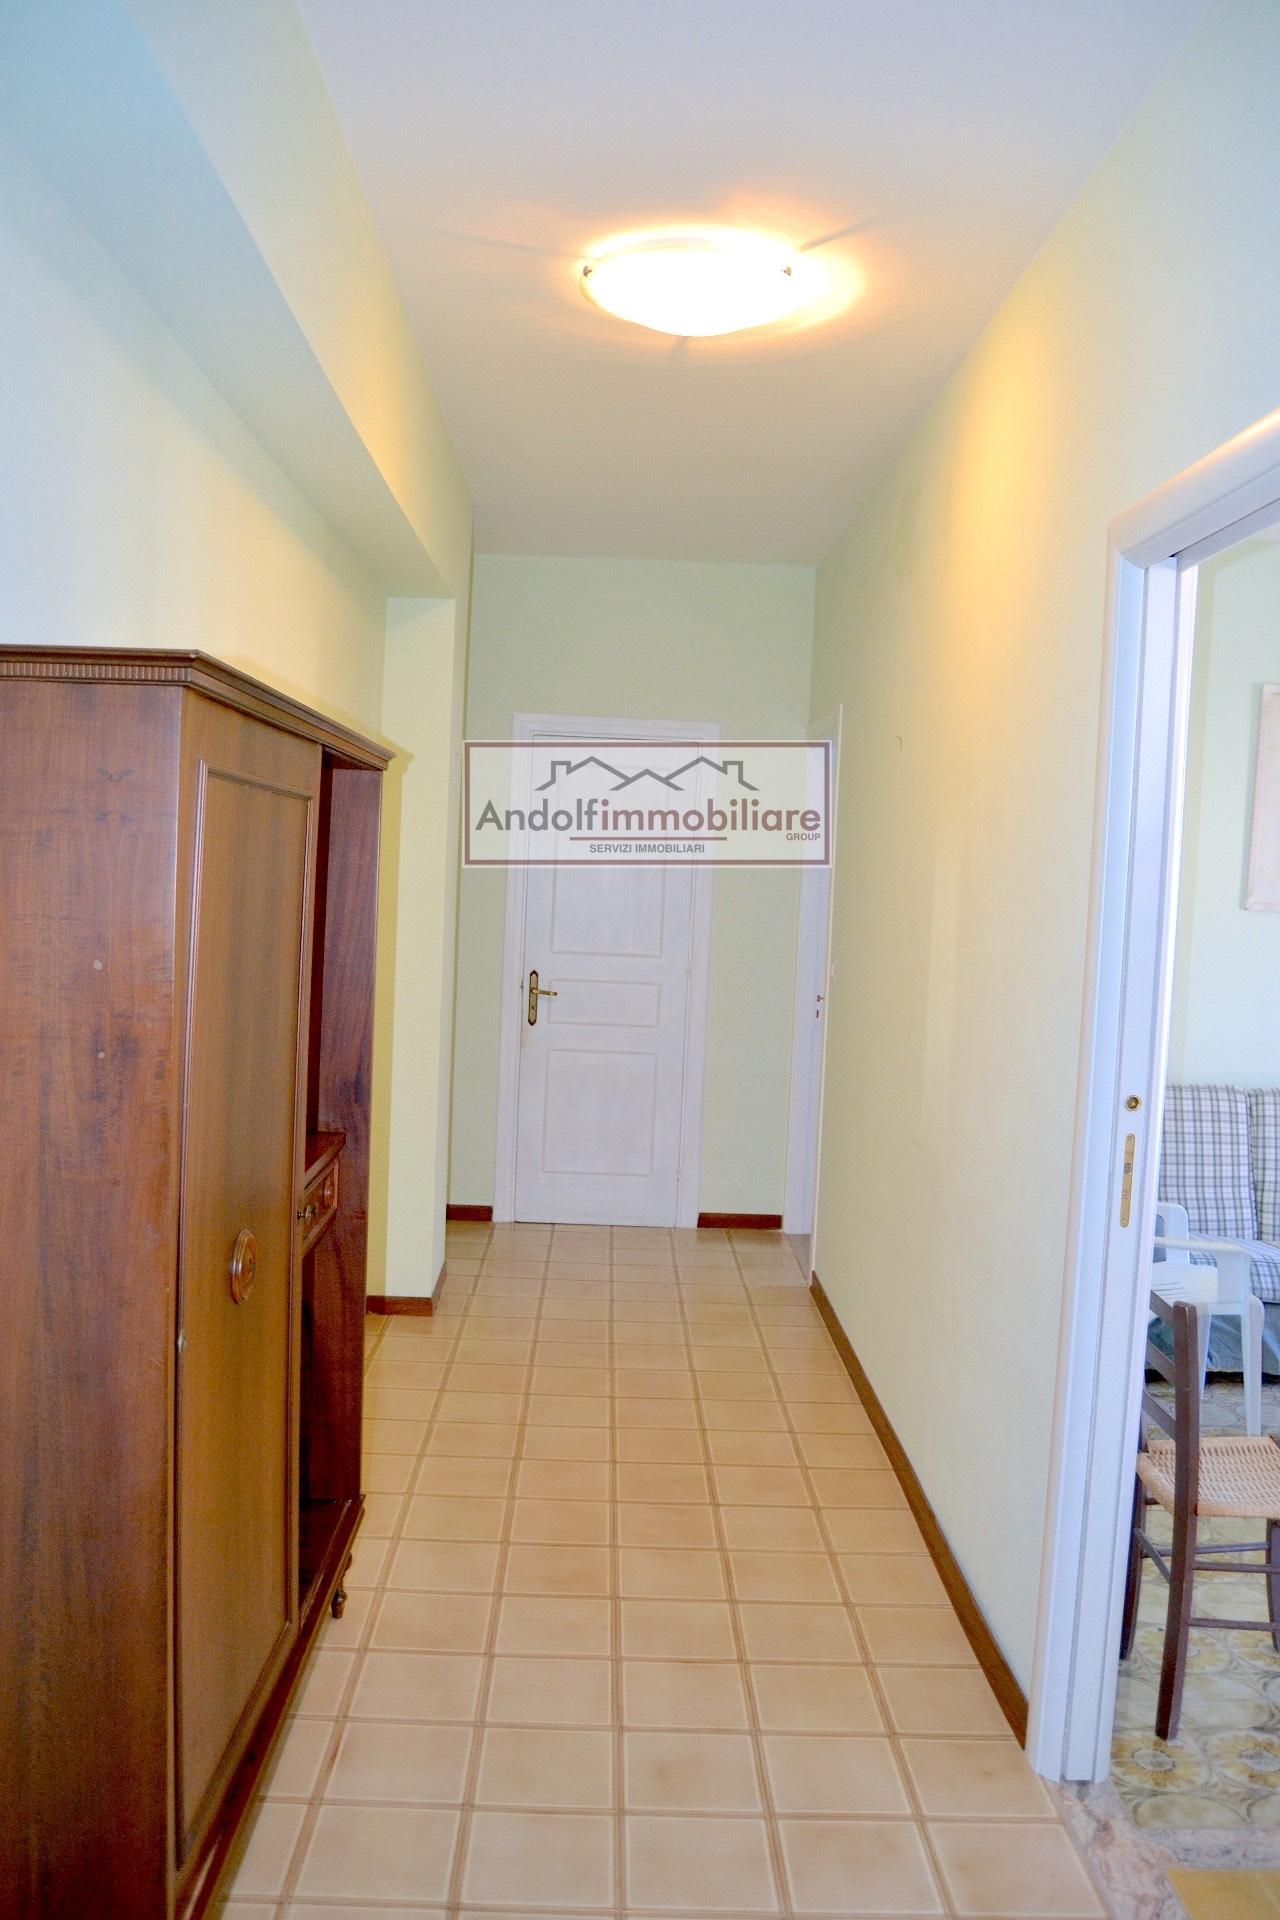 Appartamento in vendita a Minturno, 3 locali, zona Zona: Scauri, prezzo € 185.000 | CambioCasa.it